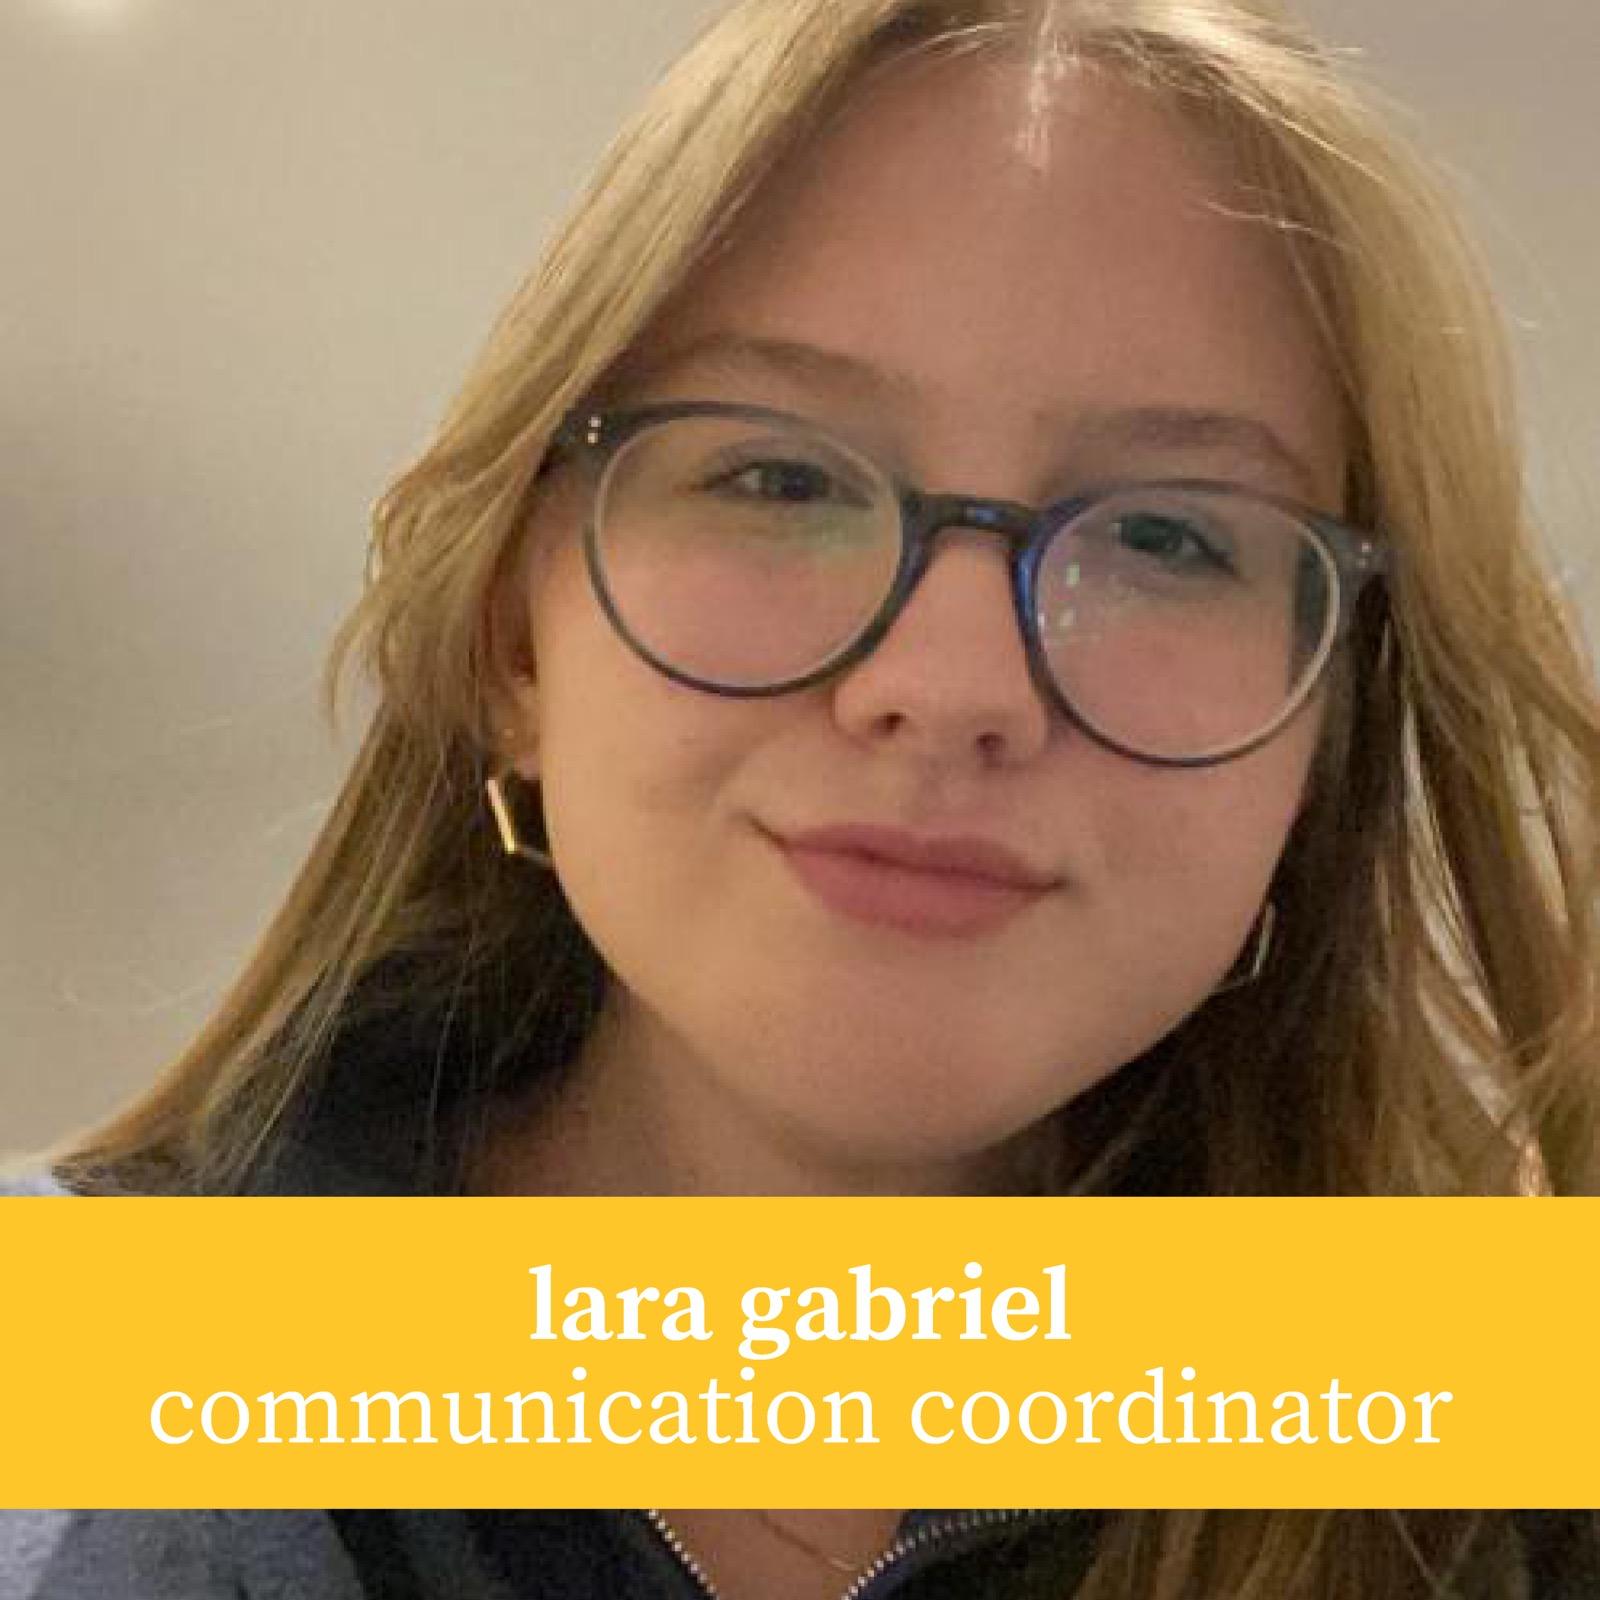 Lara Gabriel